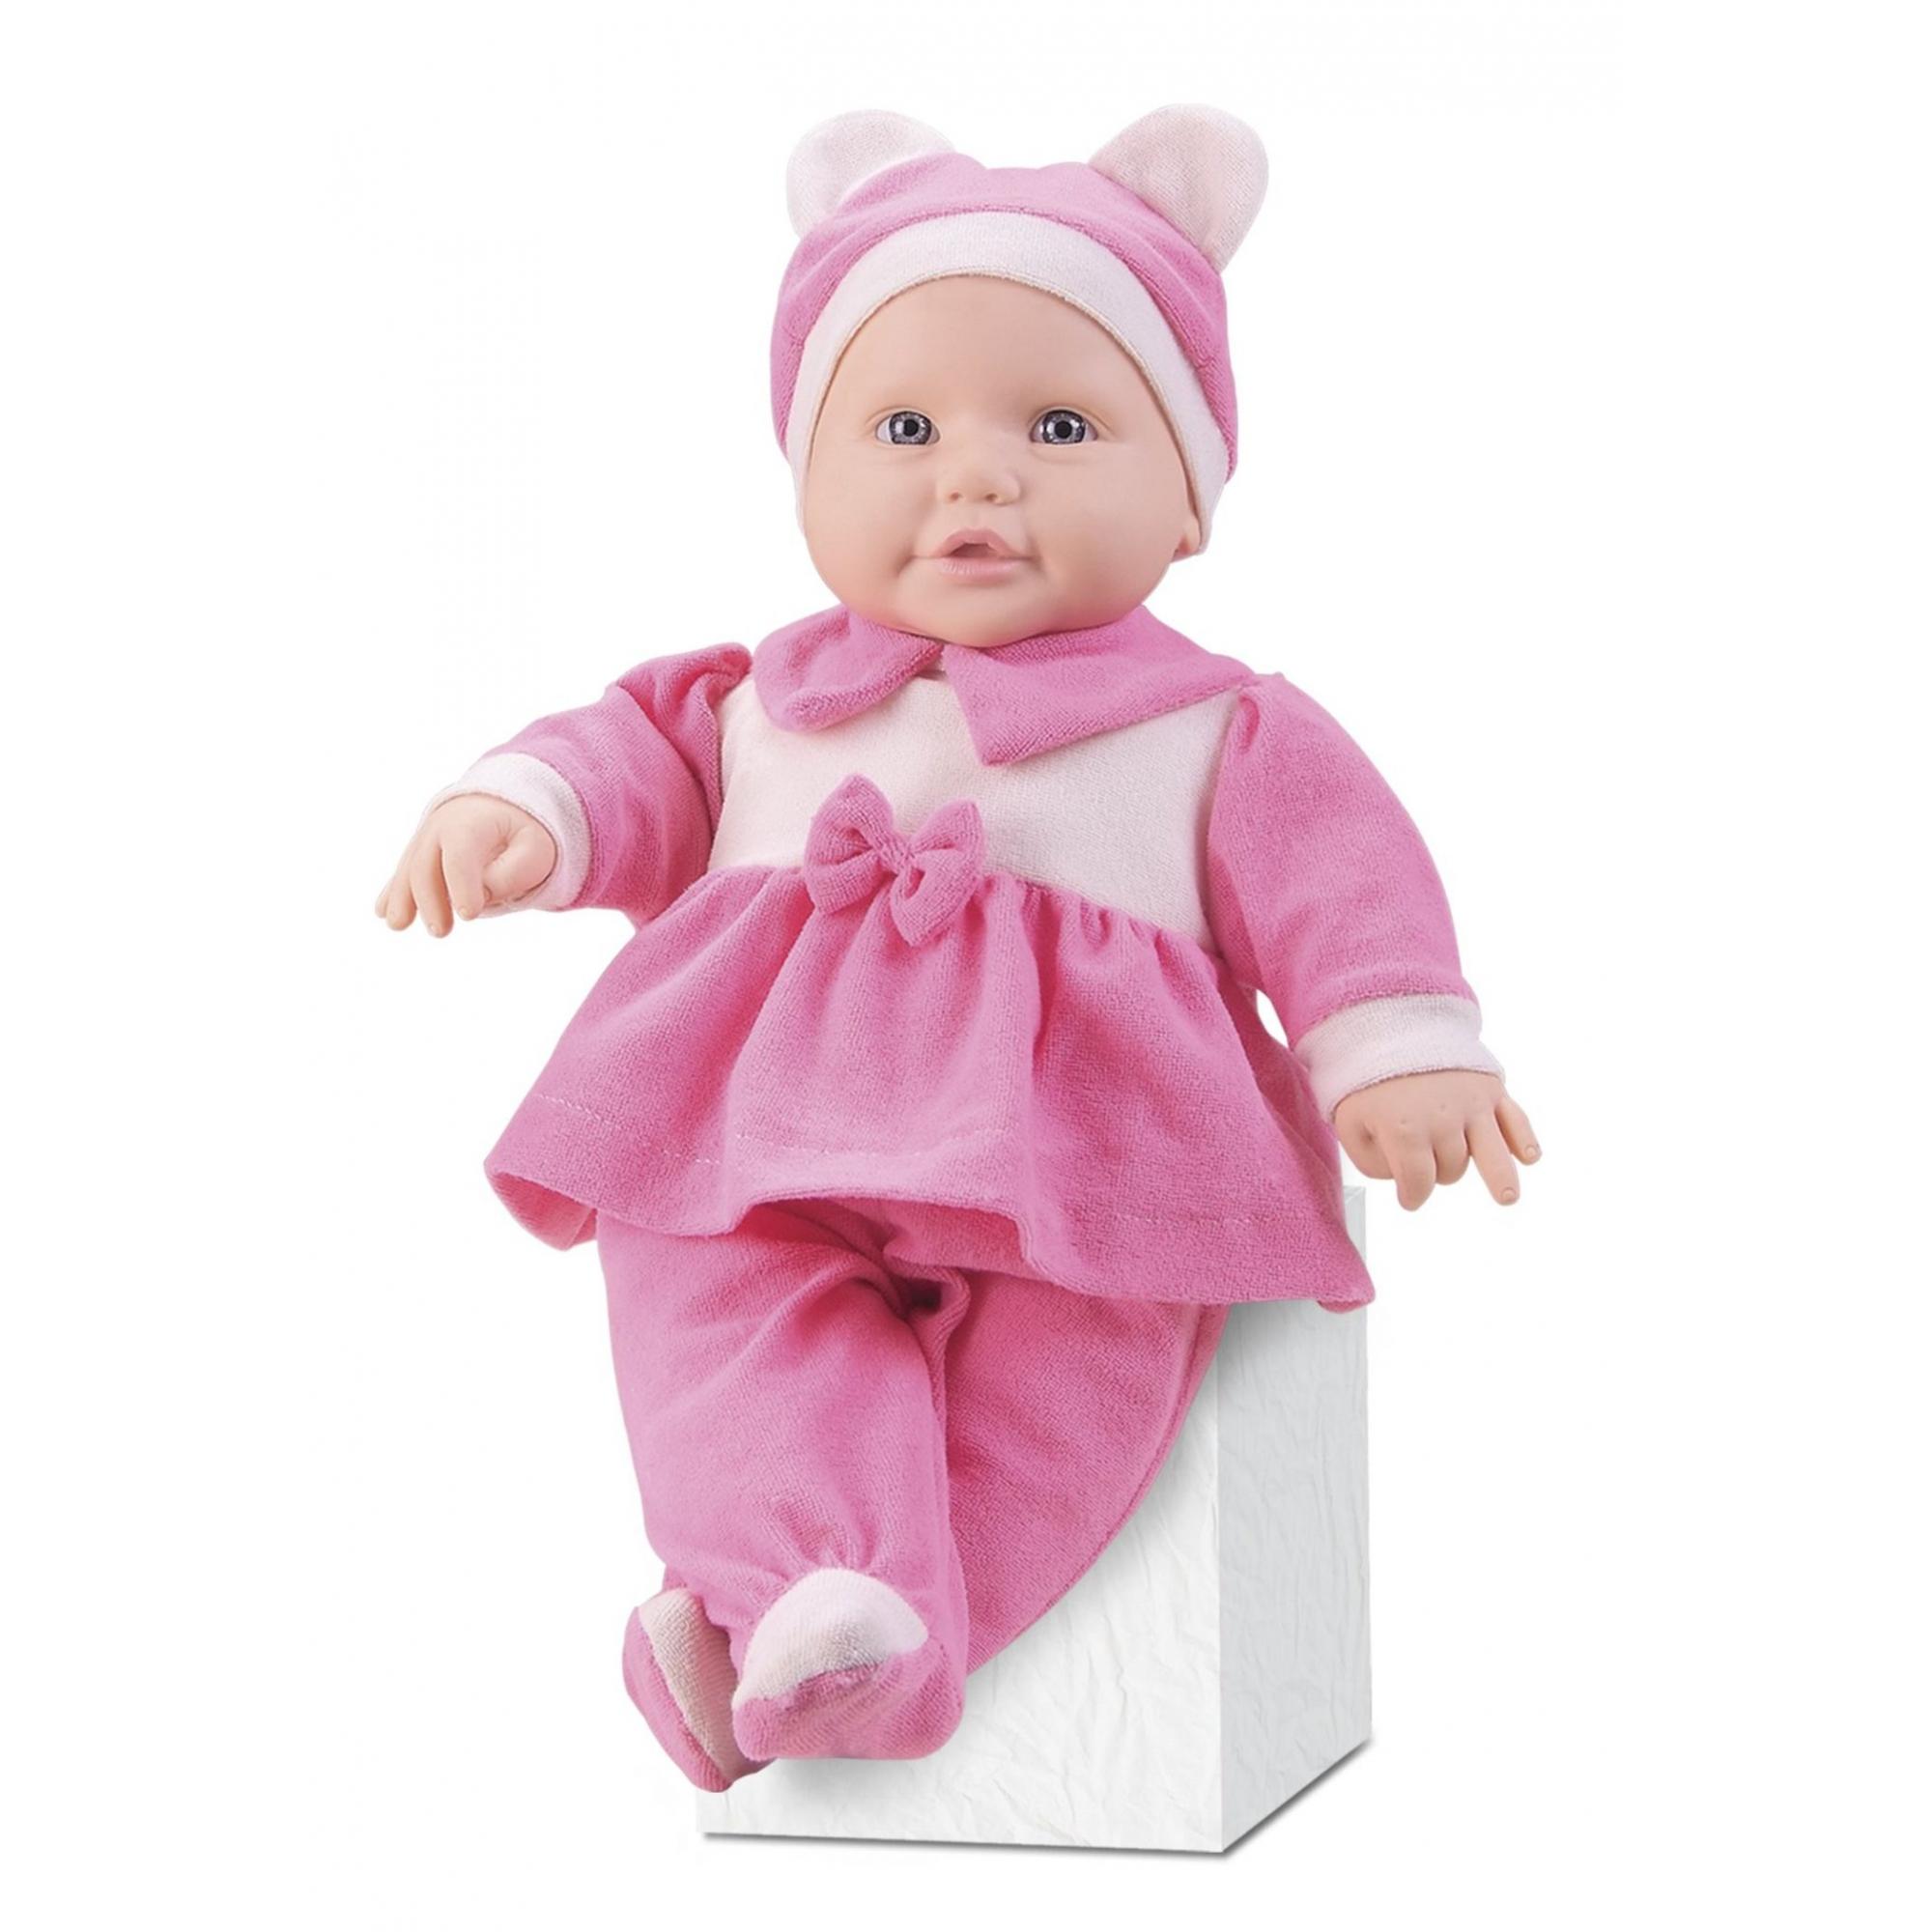 Boneca Sensor Doll Reflexo Mágico - Roma Brinquedos